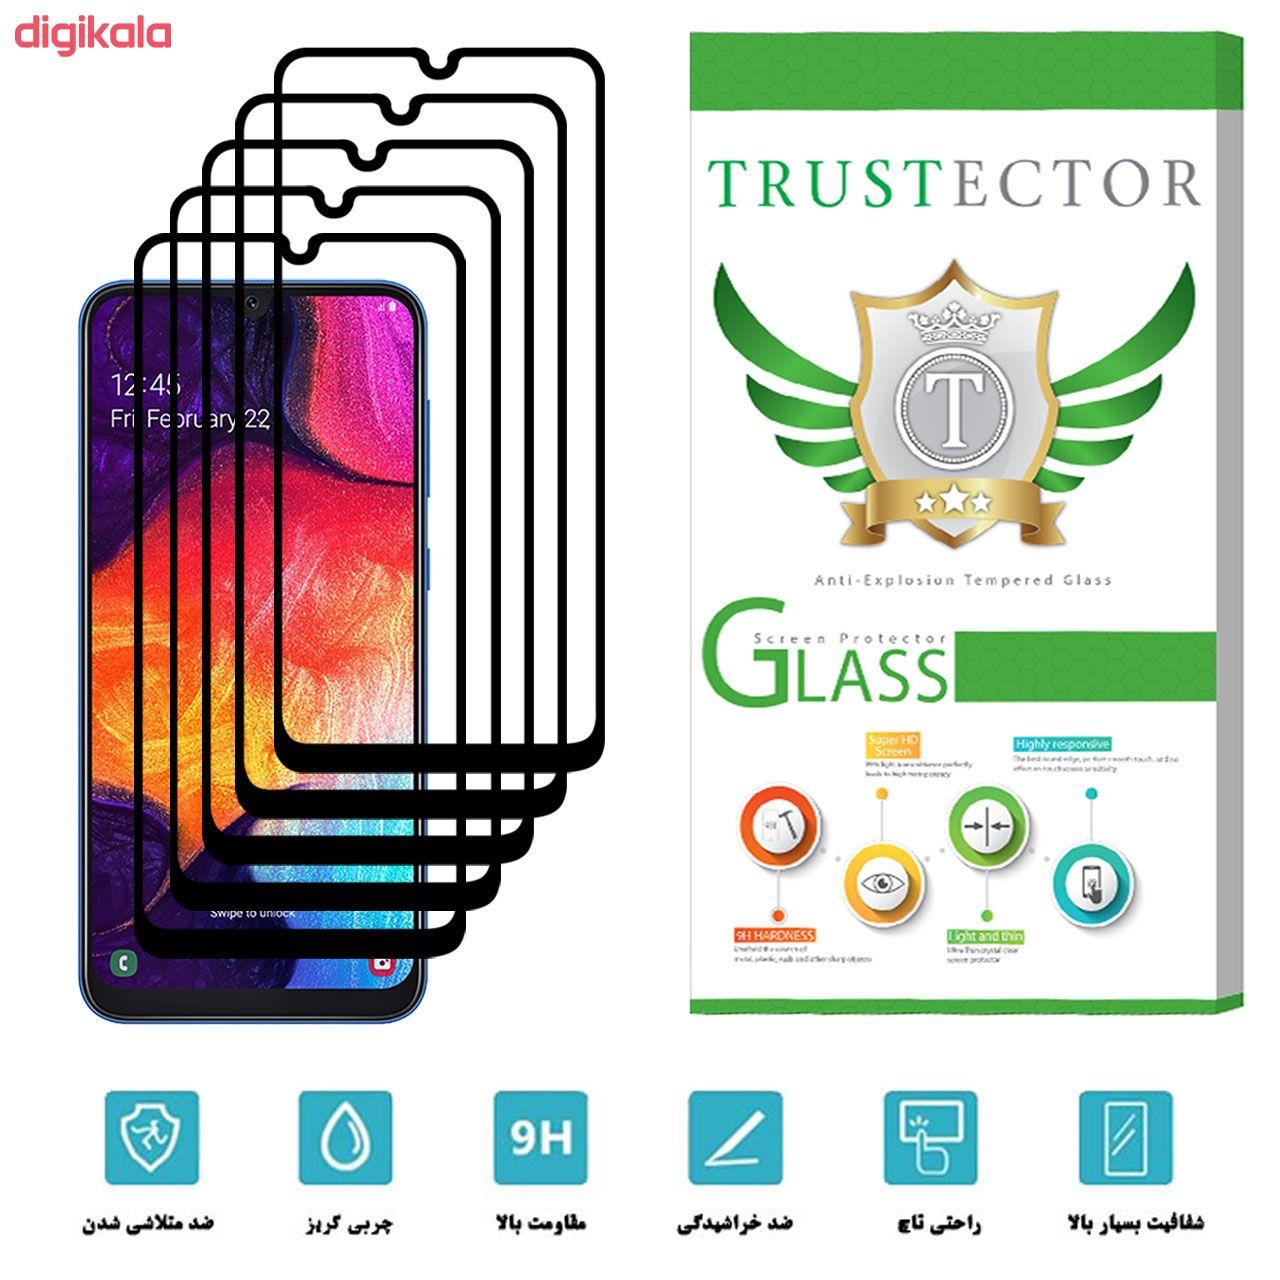 محافظ صفحه نمایش تراستکتور مدل GSS مناسب برای گوشی موبایل سامسونگ Galaxy A50 بسته 5 عددی main 1 2